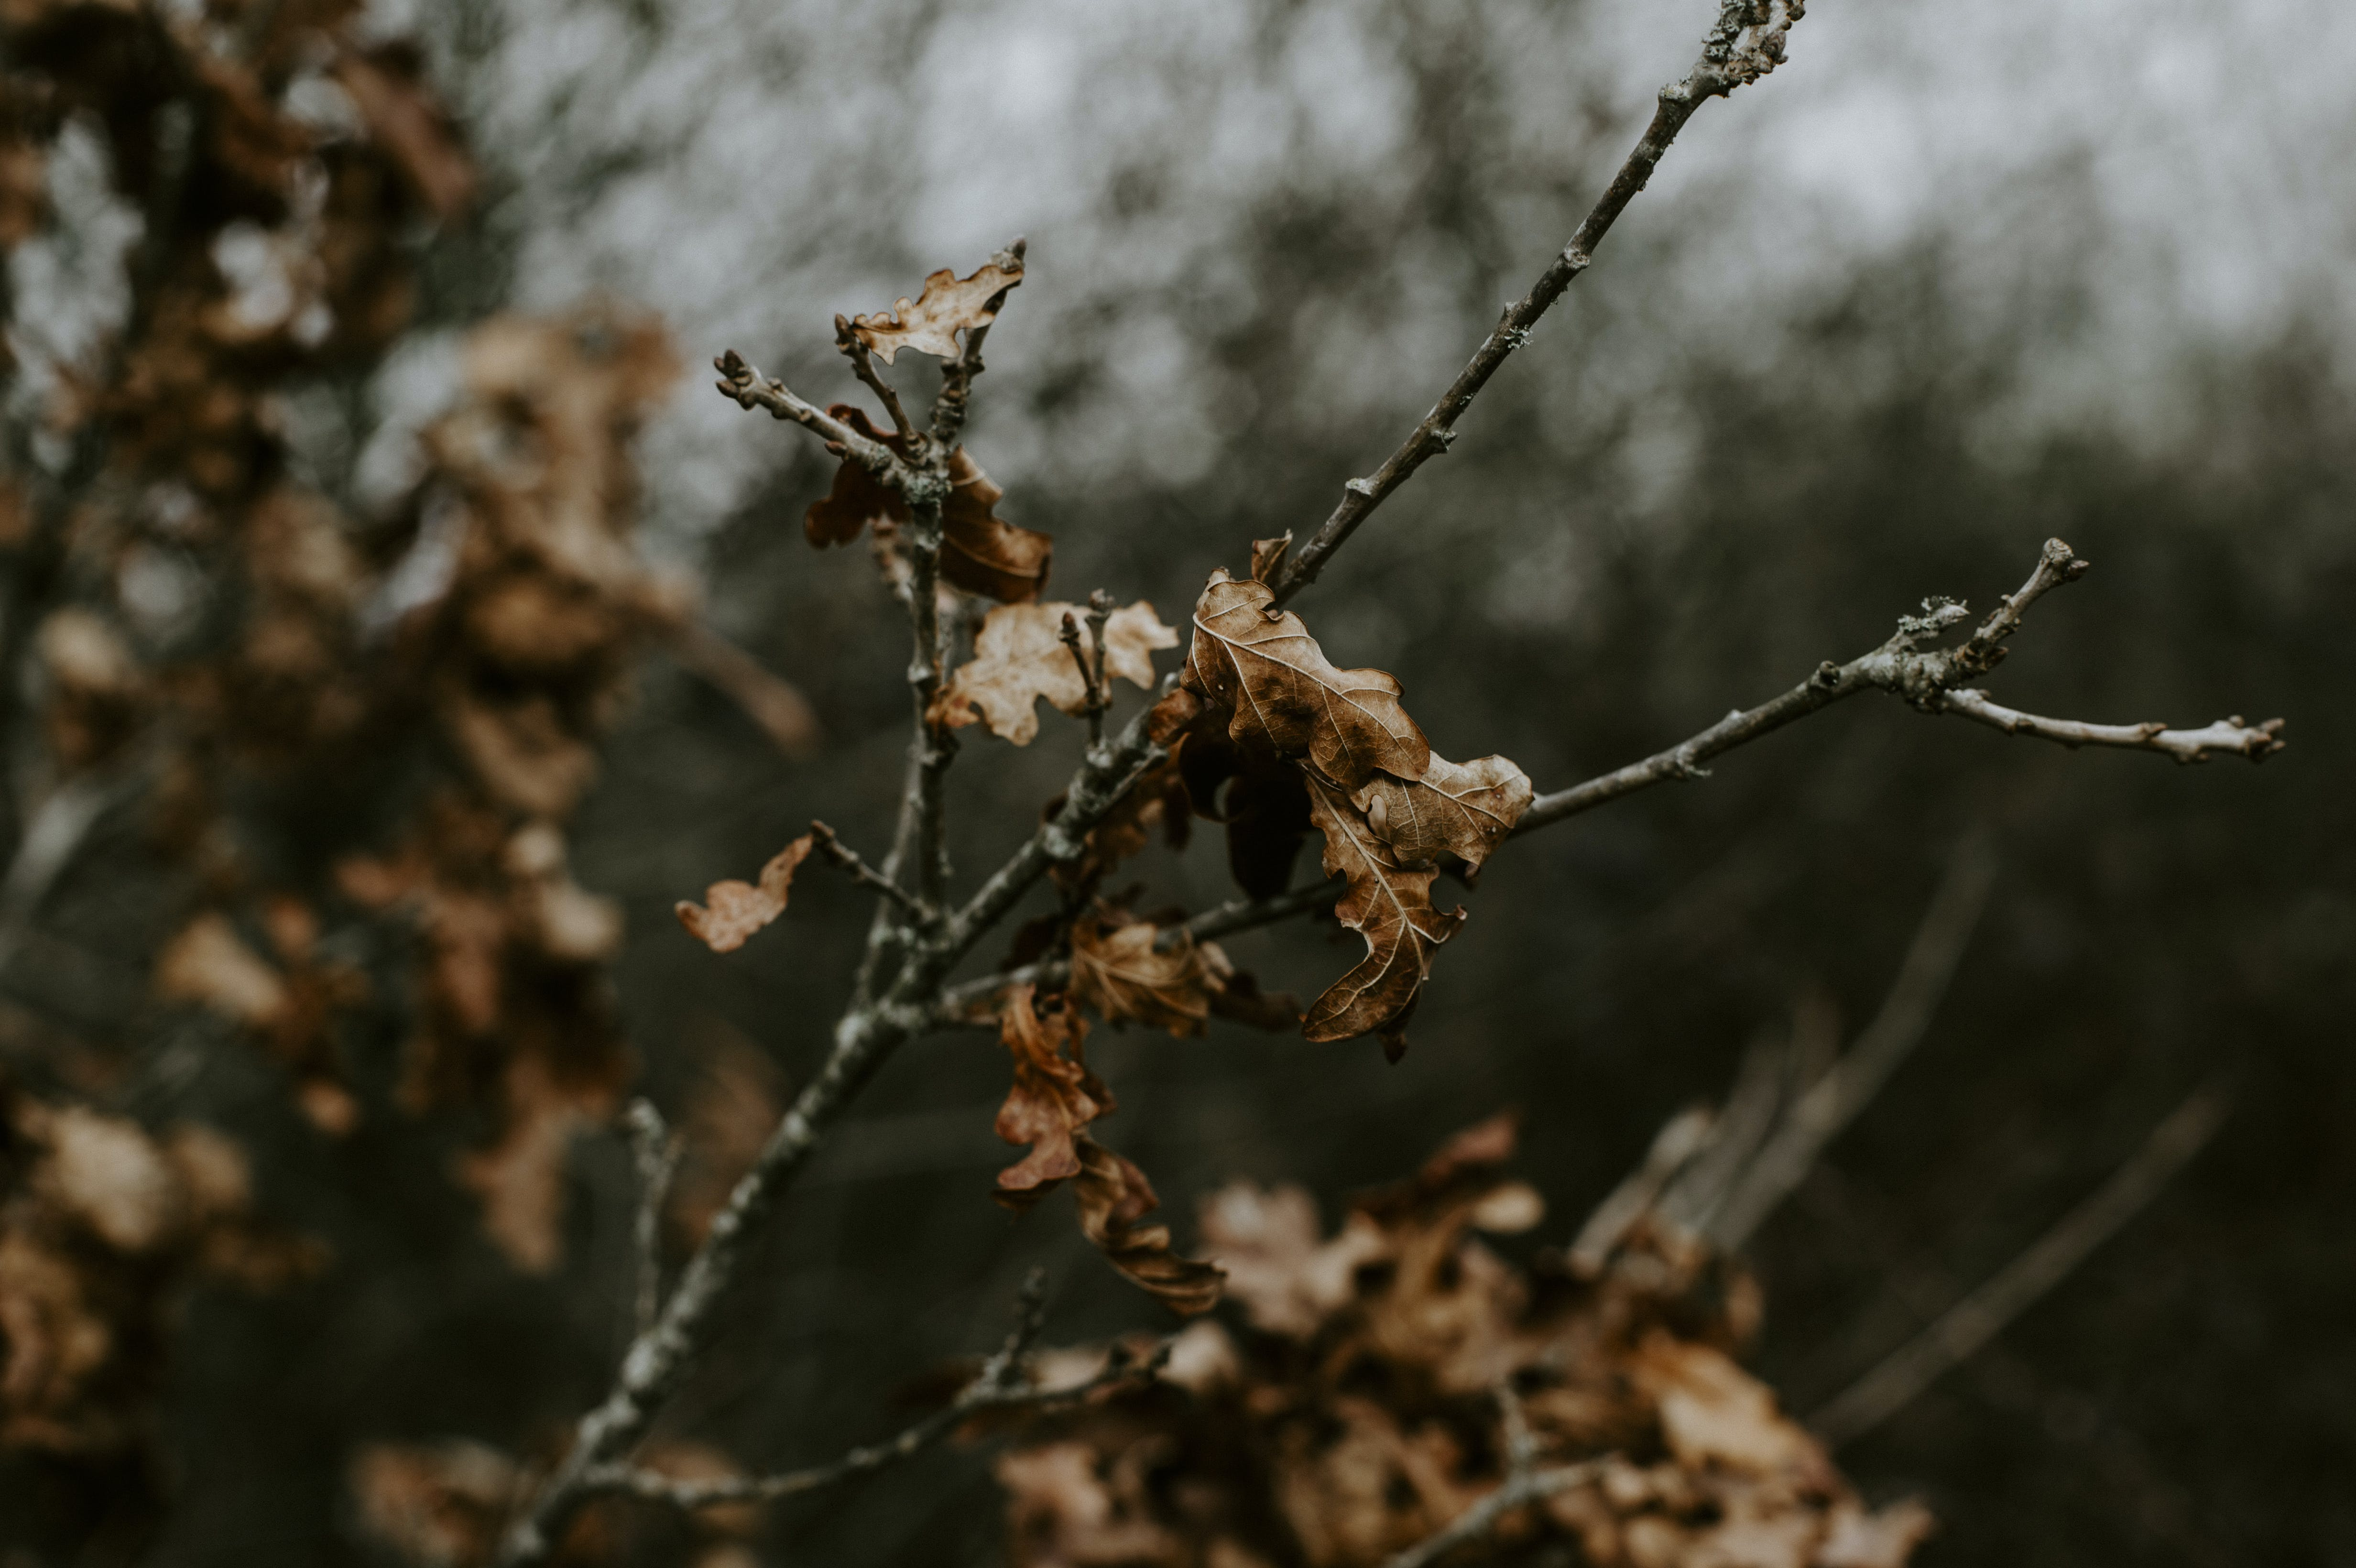 Brown Dried Leaf on Tree